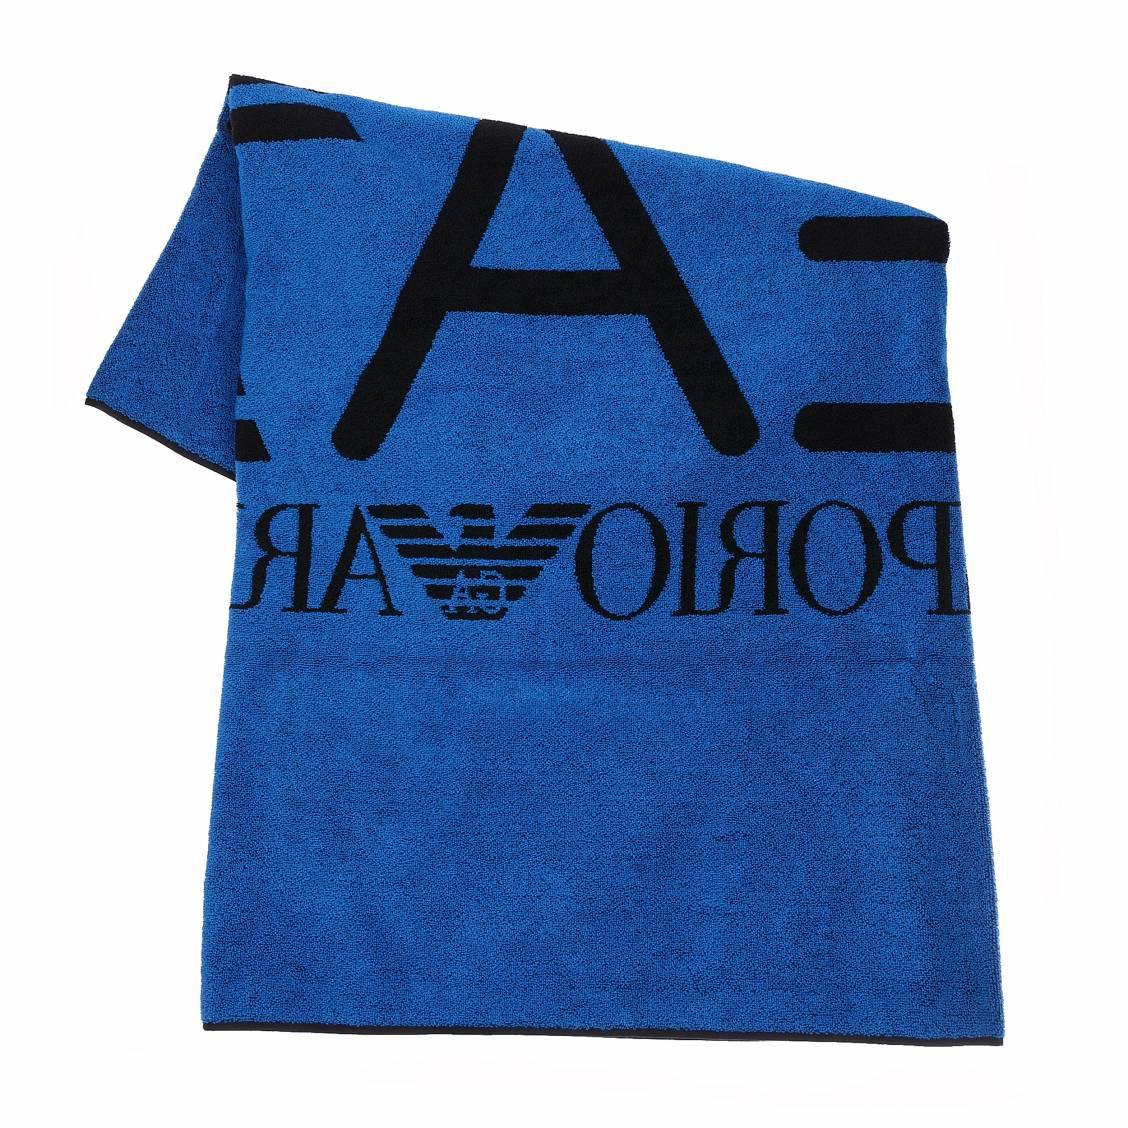 serviette de plage r versible ea7 en coton bleu azur et noir rue des hommes. Black Bedroom Furniture Sets. Home Design Ideas